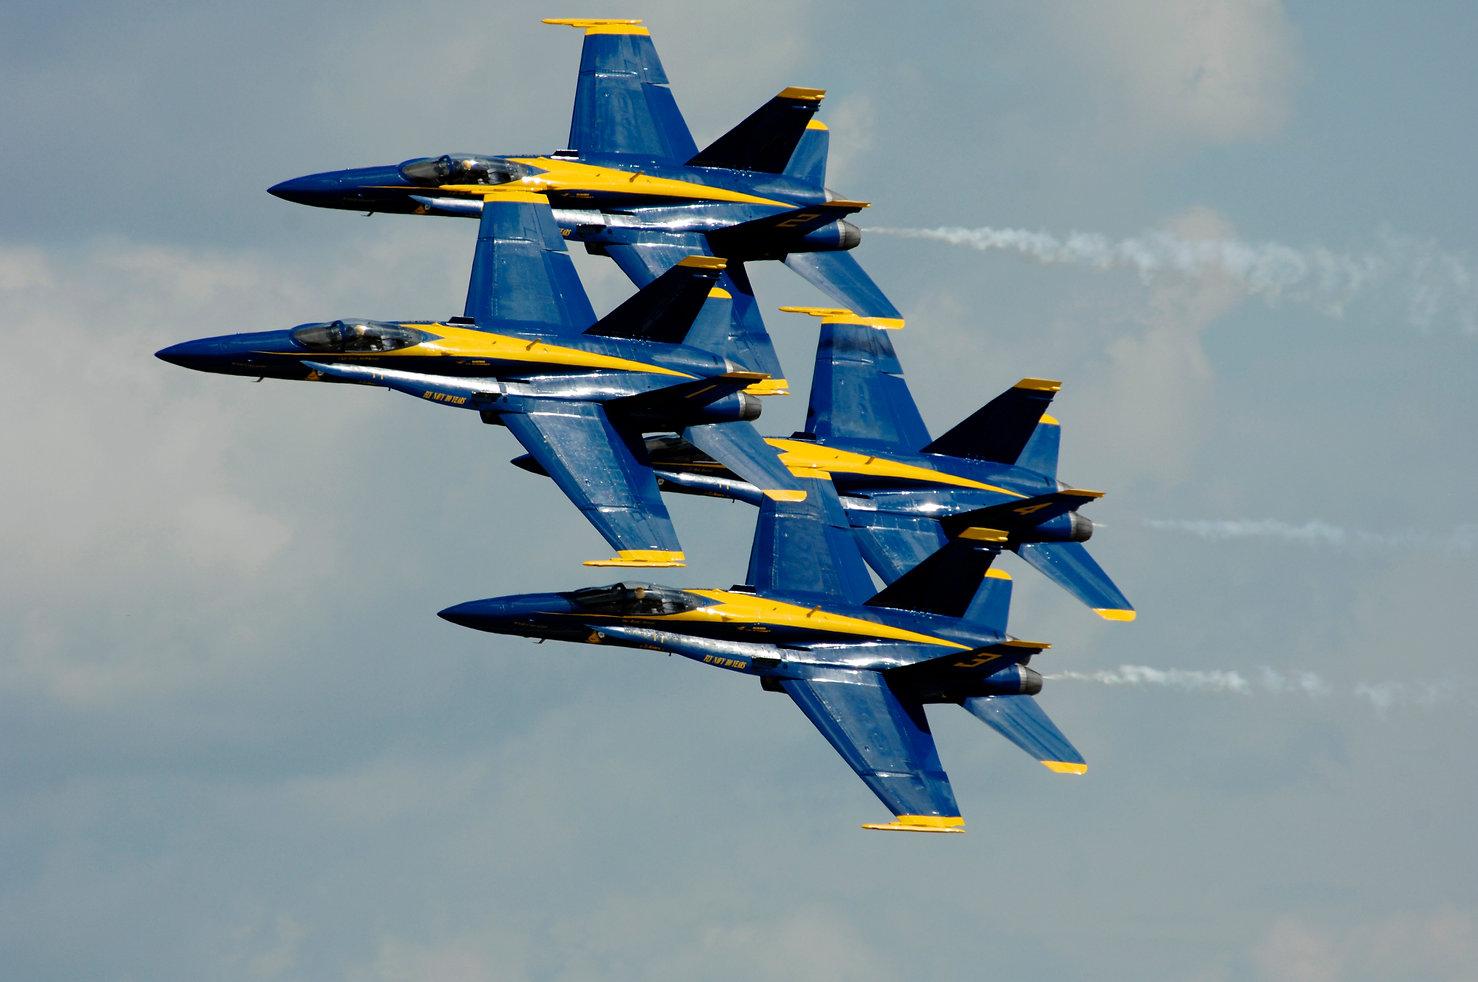 US_Navy_110909-N-IR859-002_The_U.S._Navy